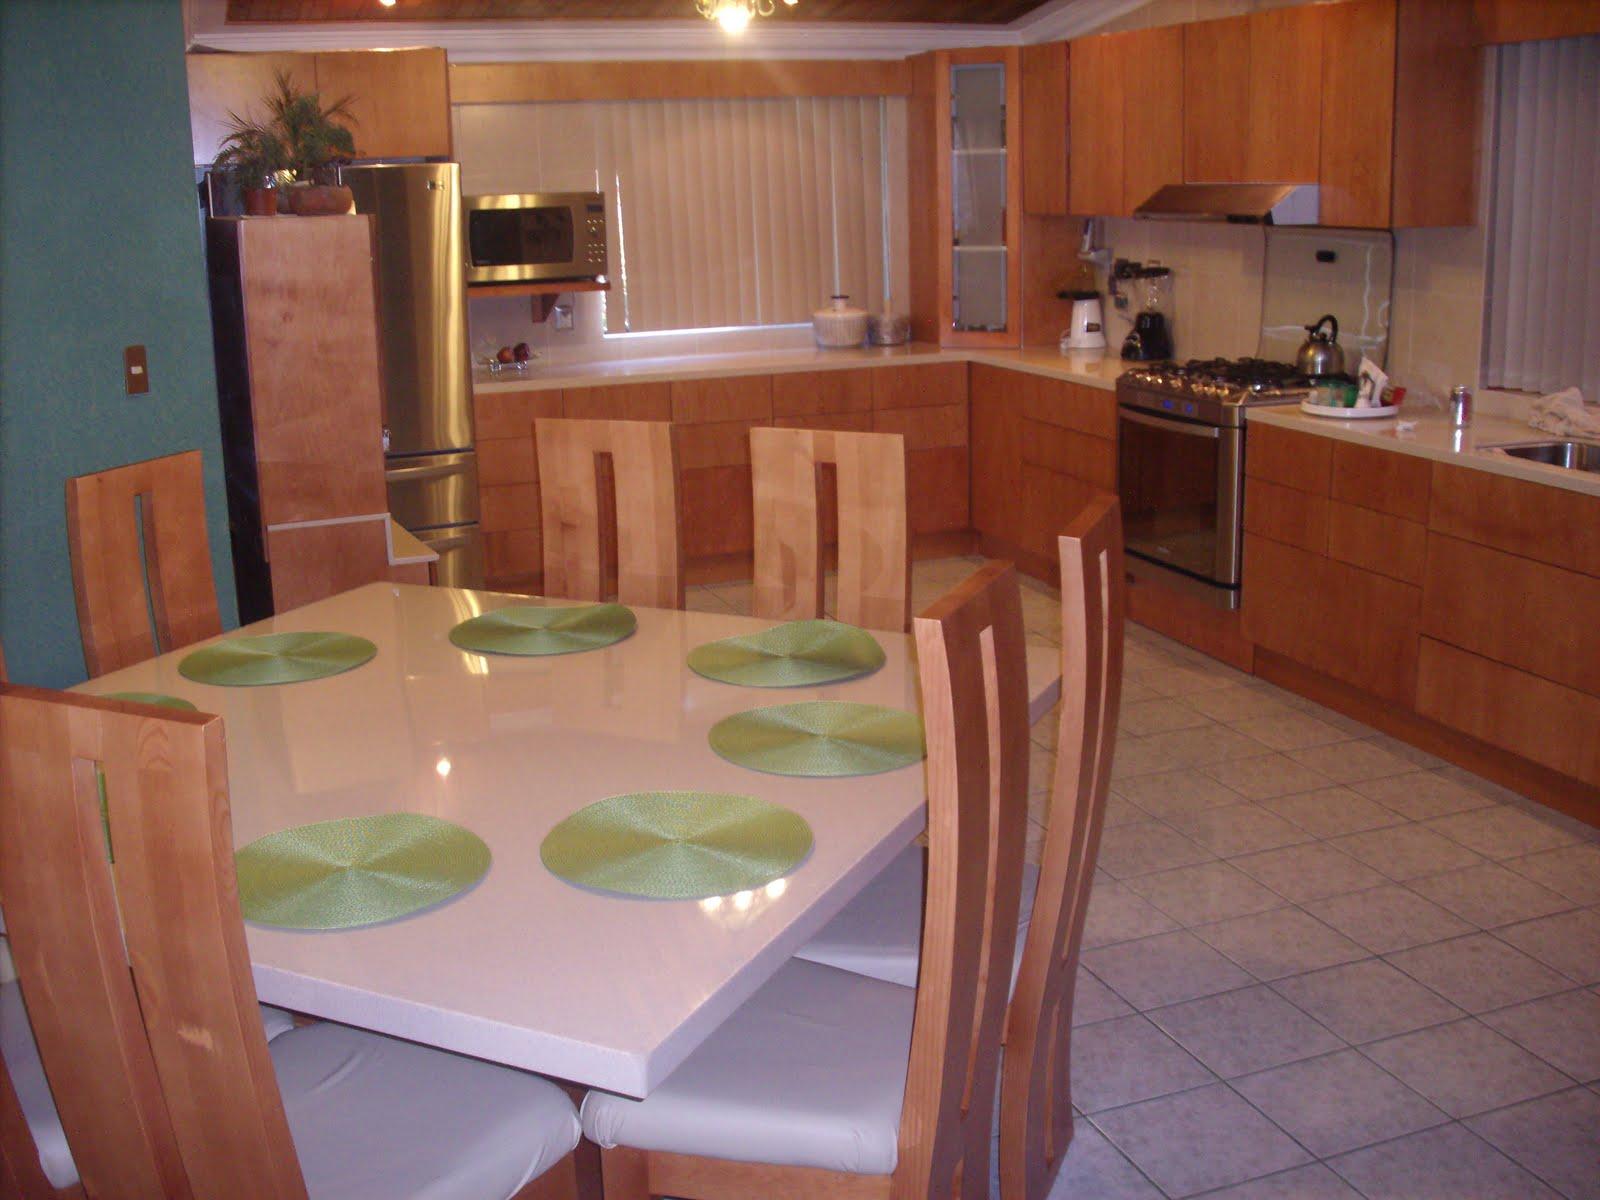 Heynez cocinas modernas dise o y cocina terminada for Cocina de creacion